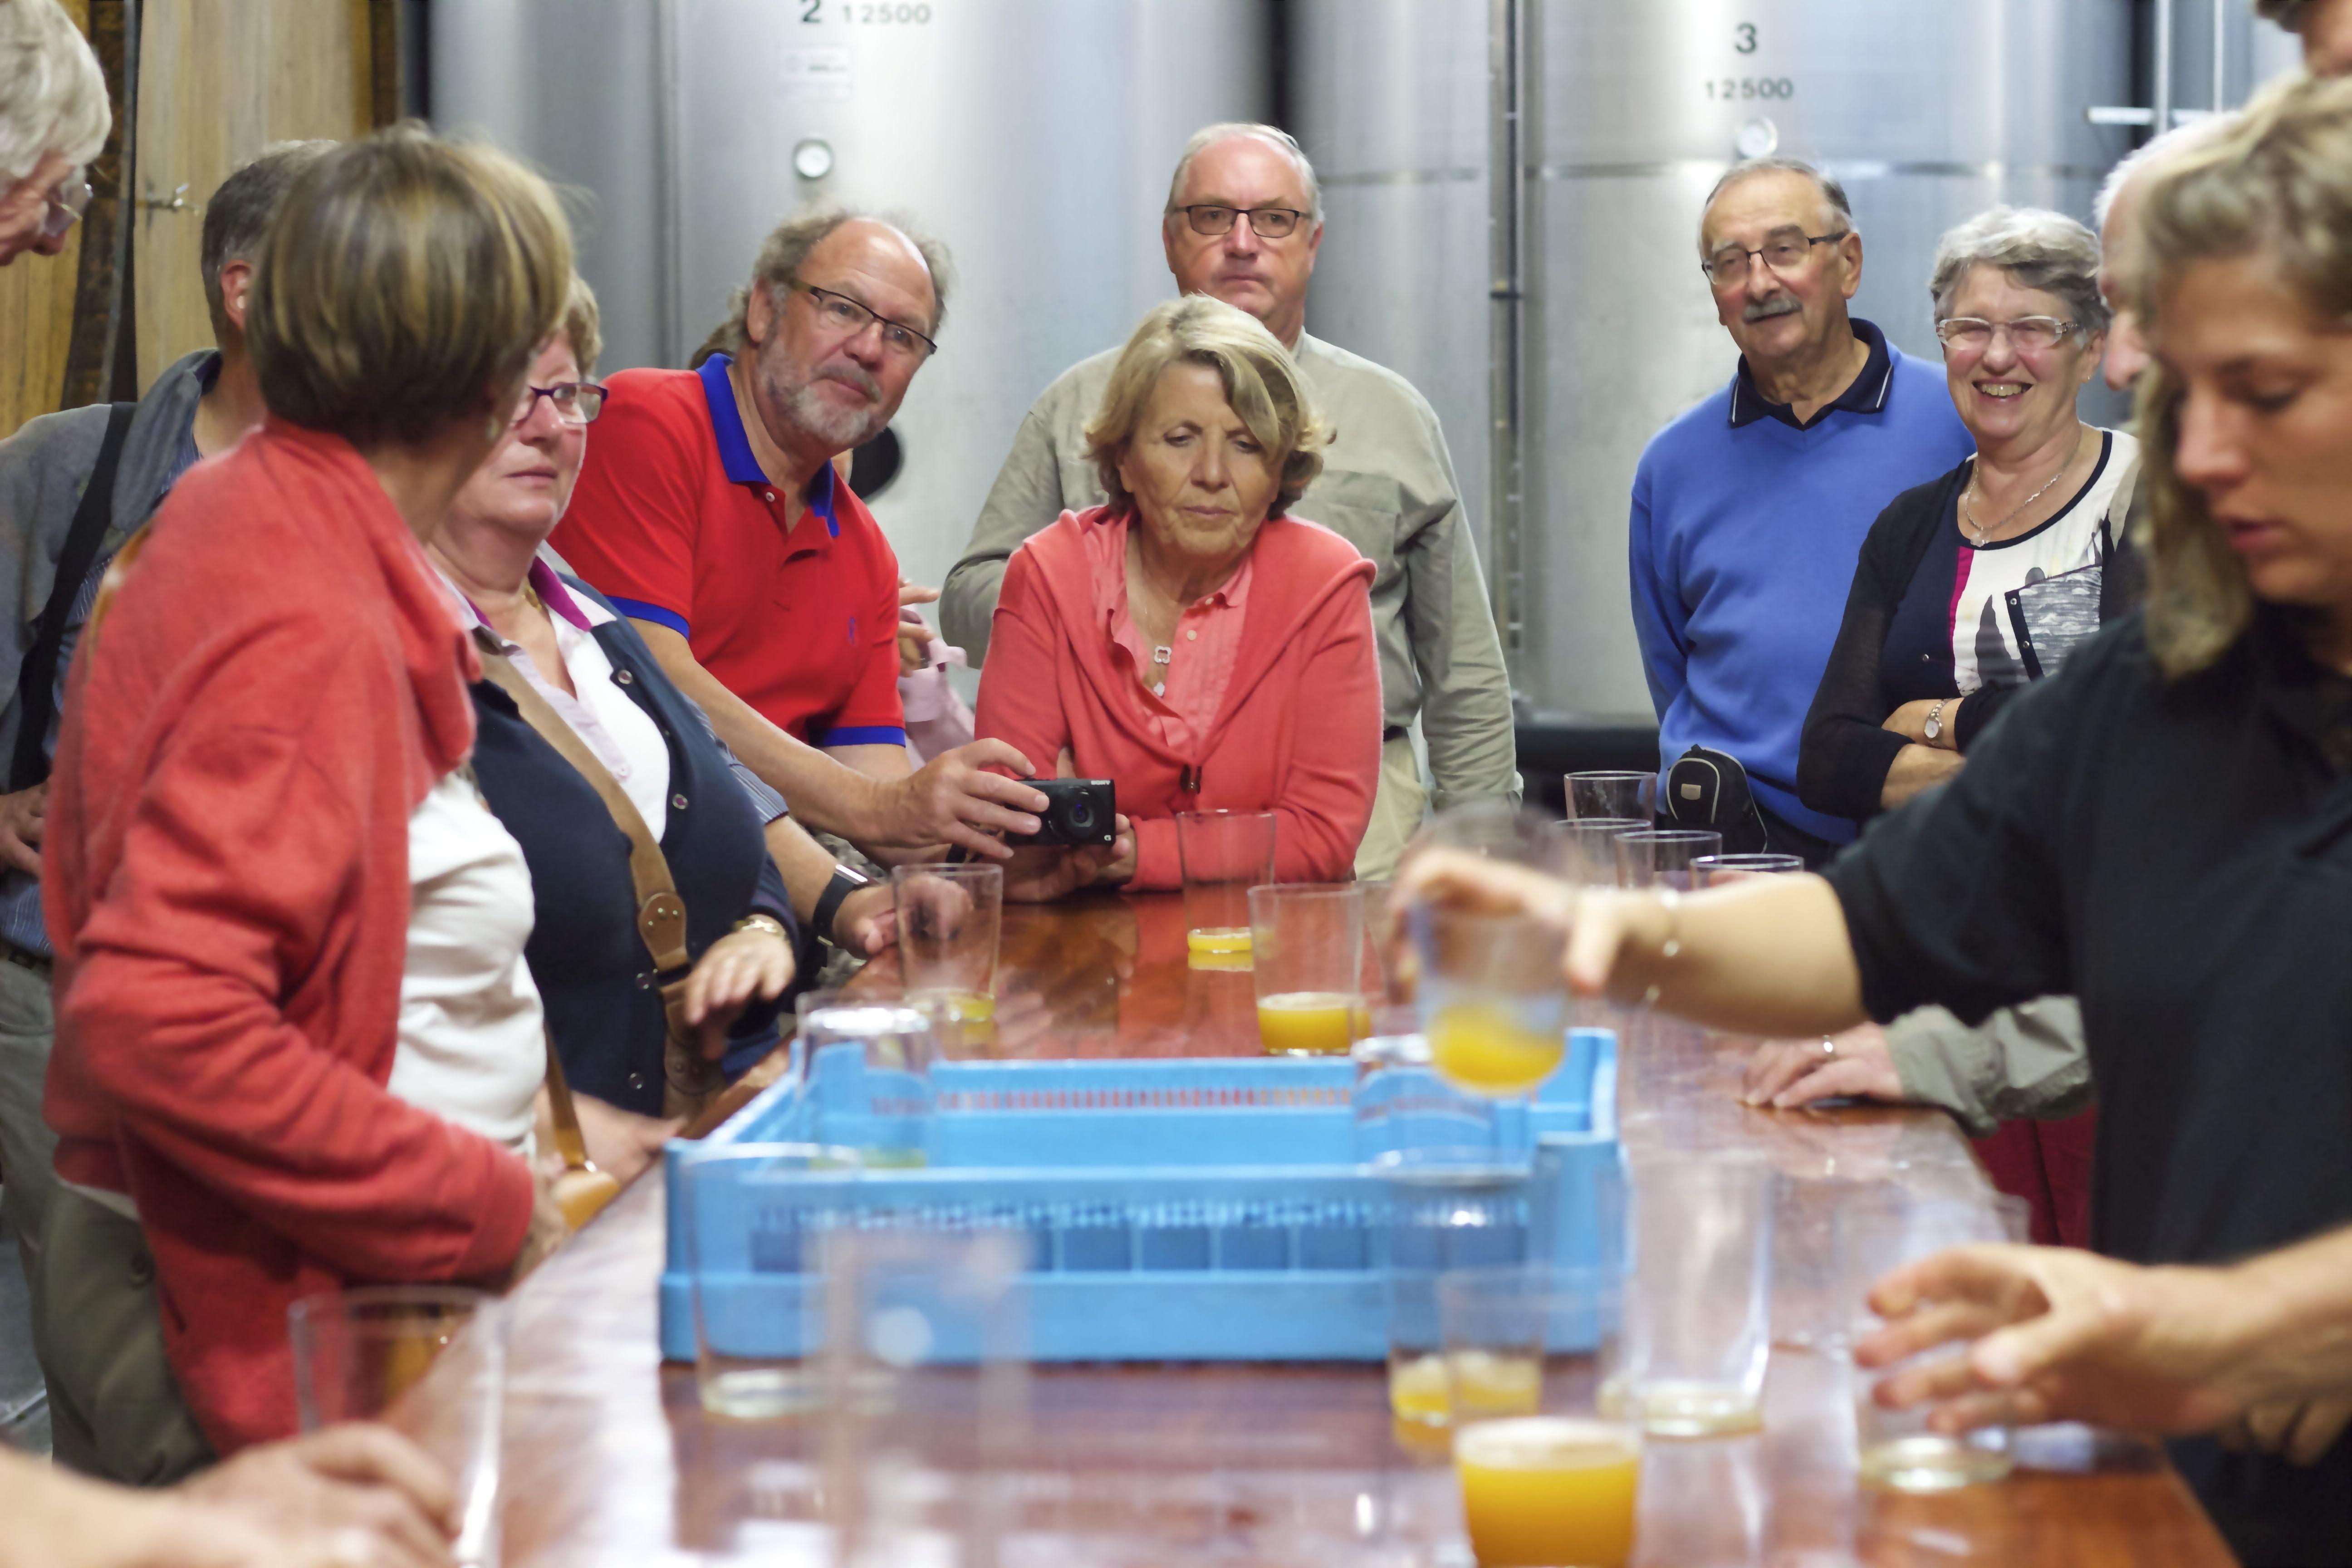 seminaire-degustation-privée-cidre-pays-basque-le-cercle-piment-espelette